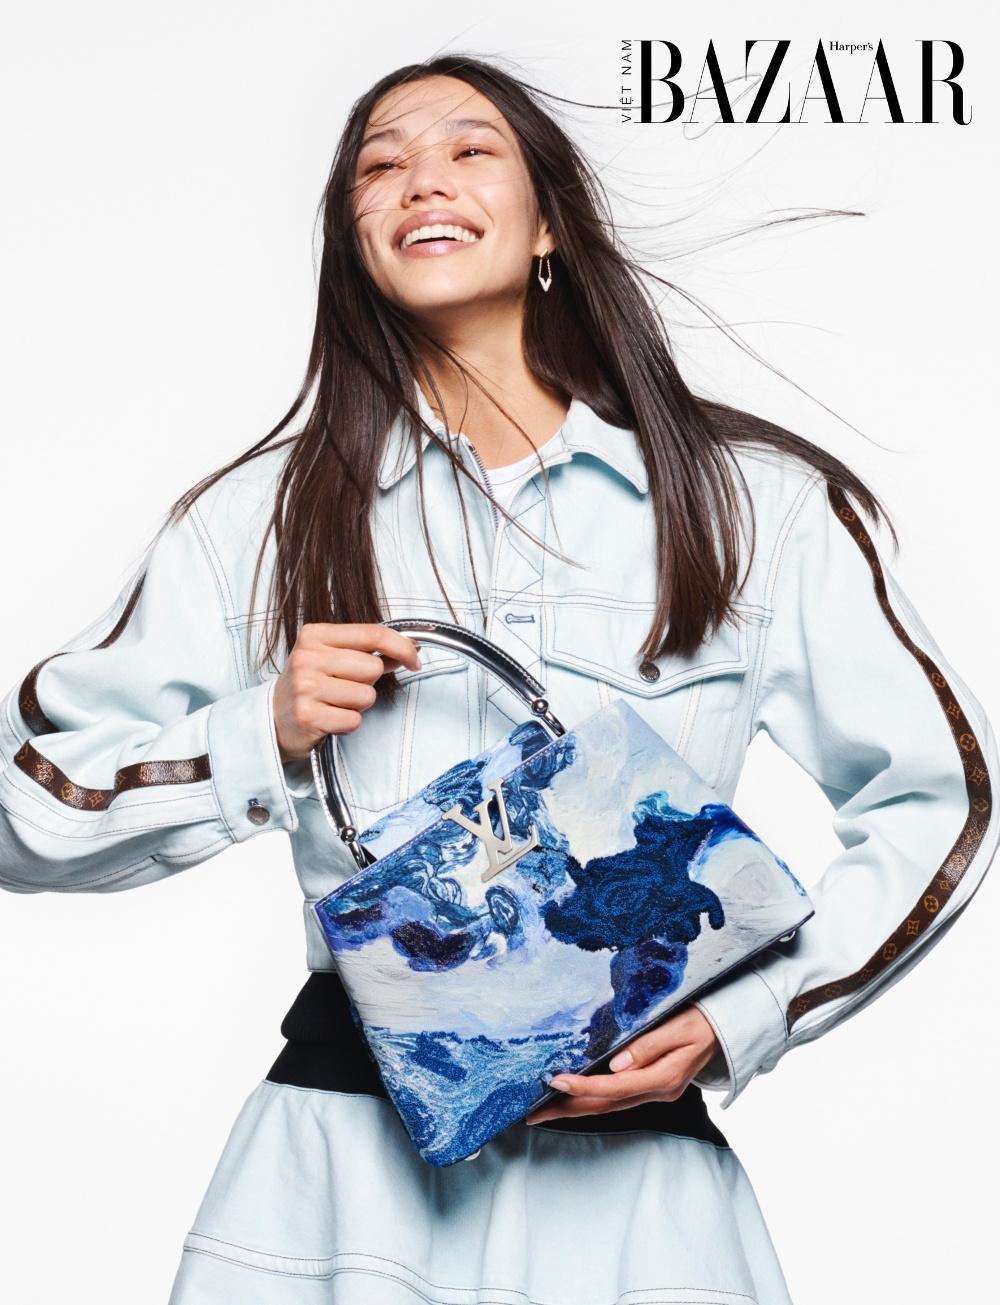 Louis Vuitton ra mắt 6 thiết kế Artycapucines nghệ thuật năm 2021 20